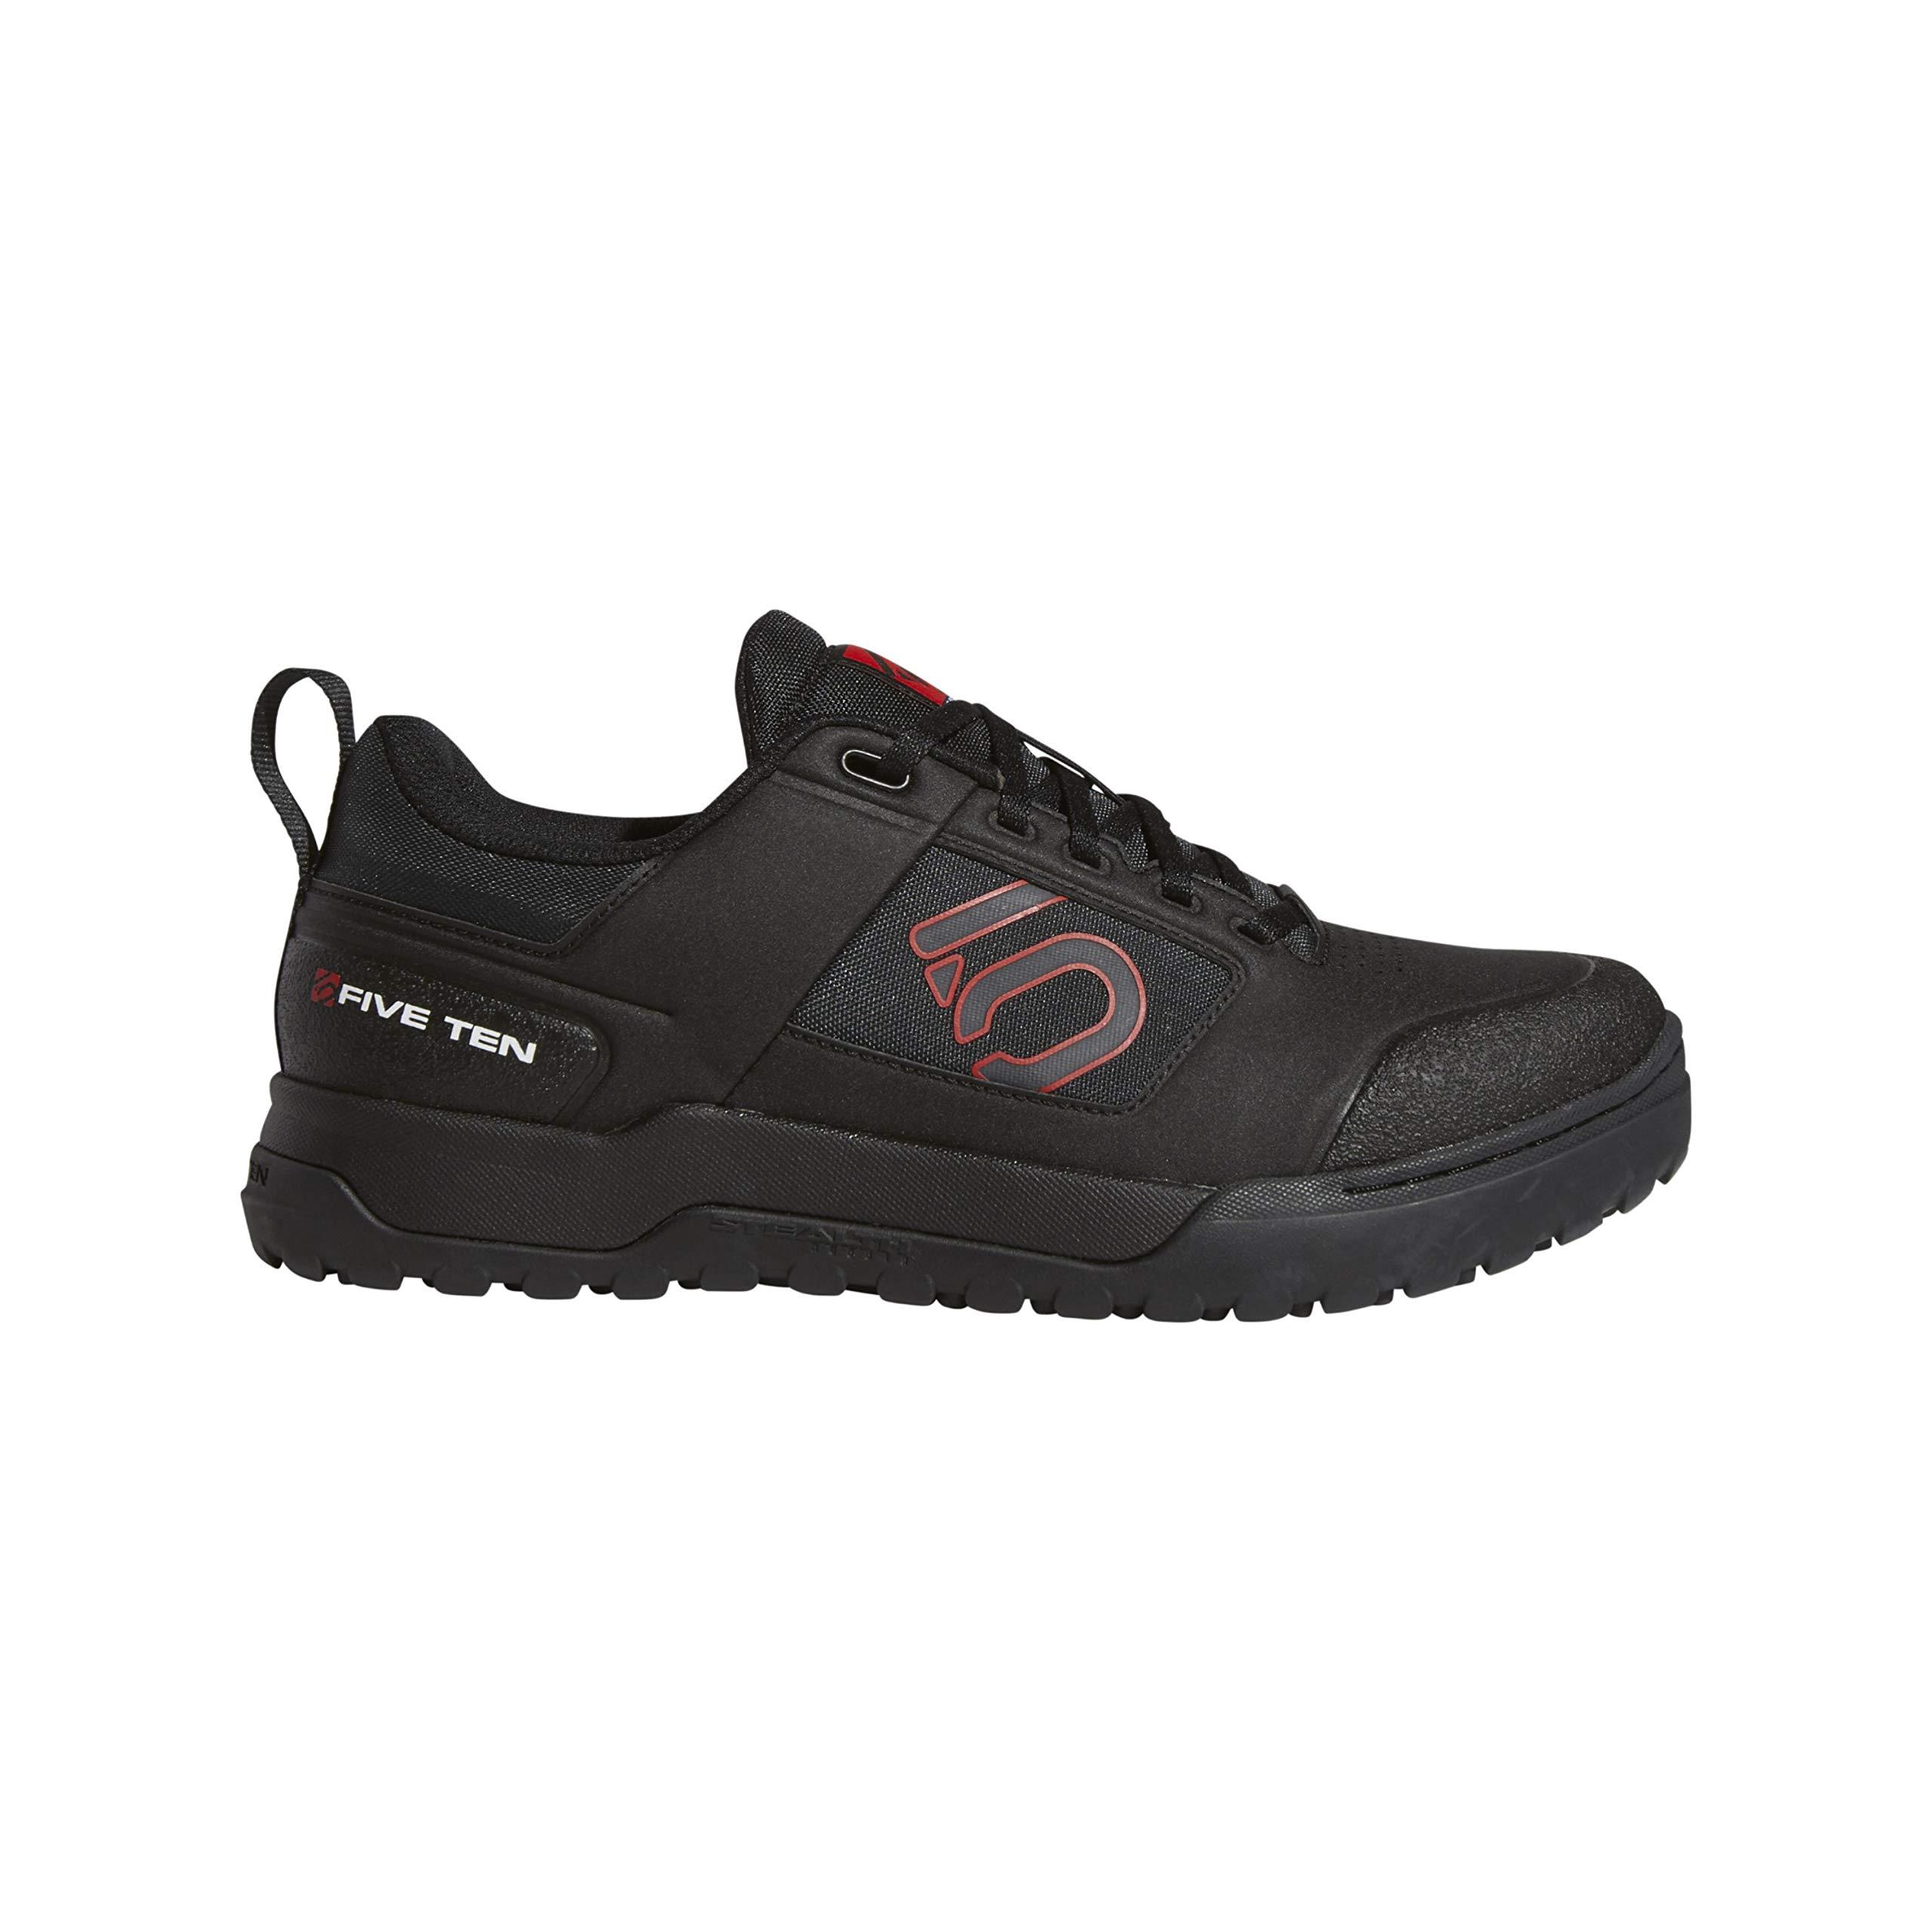 Five Ten Impact Pro Mens Mountain Bike Shoe Black/Carbon/Red, Size 8